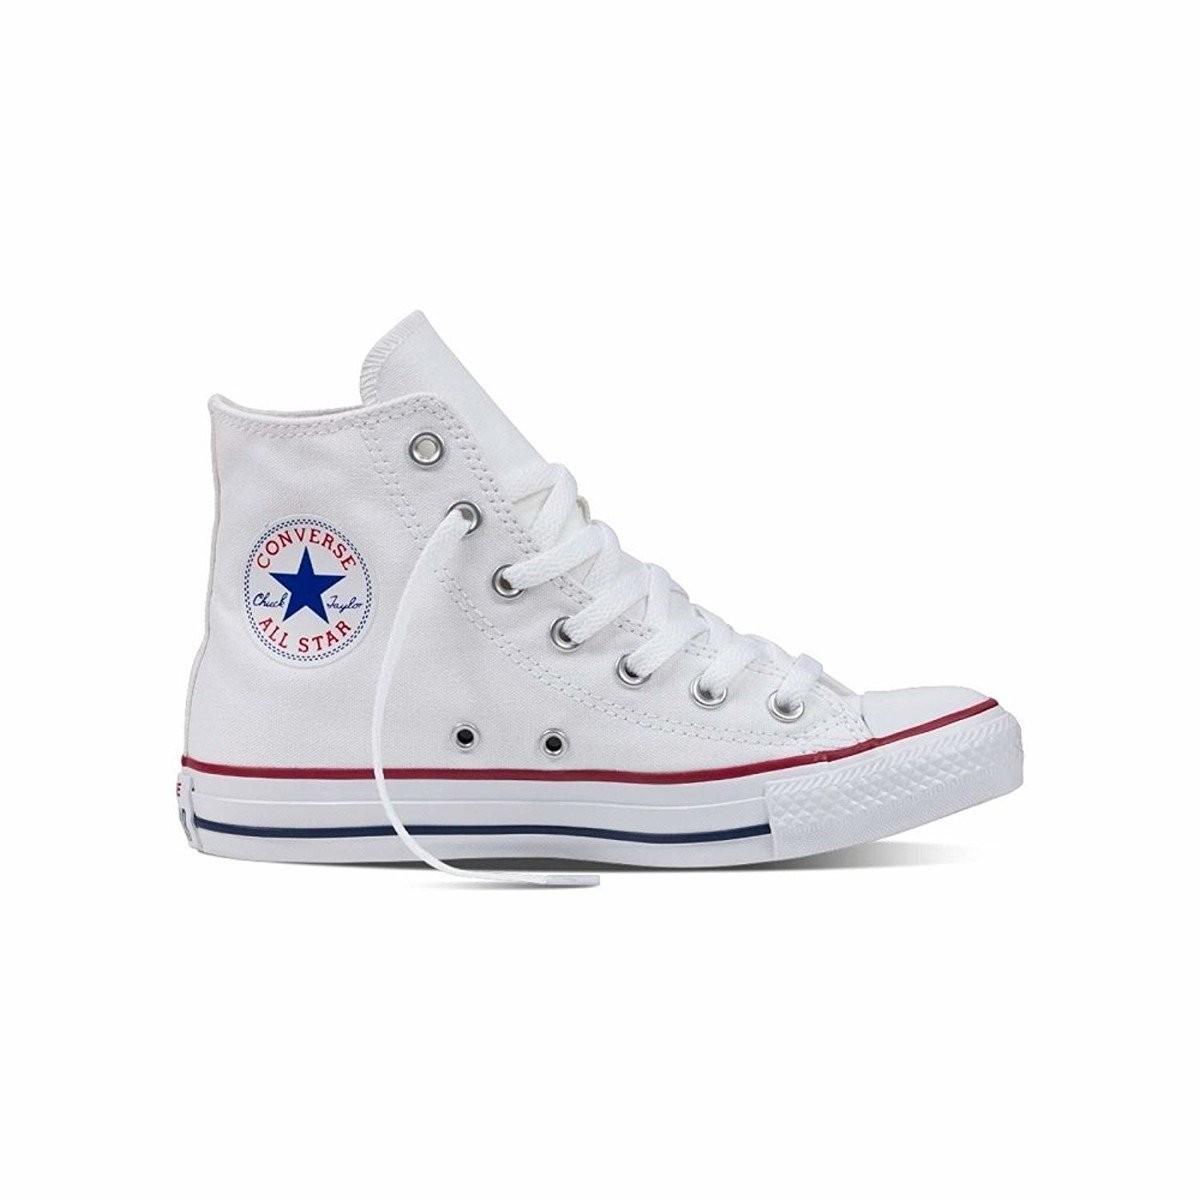 657da02c959bb8 Unisex kotníkové boty Converse Chuck Taylor All Star bílé